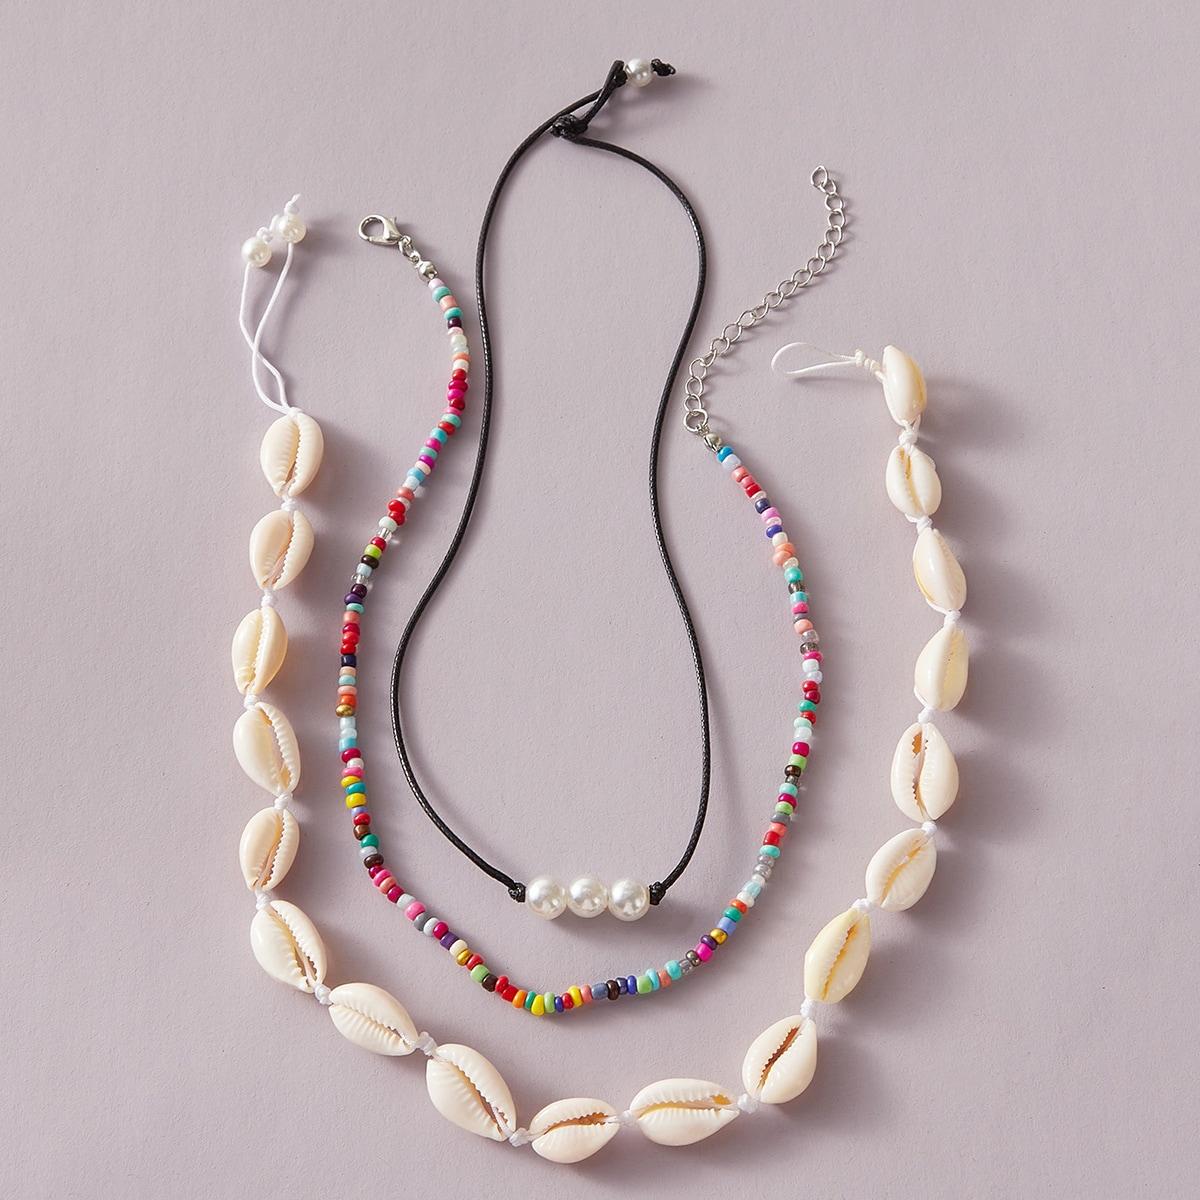 Ожерелье с бисерами и ракушкой 3шт по цене 160